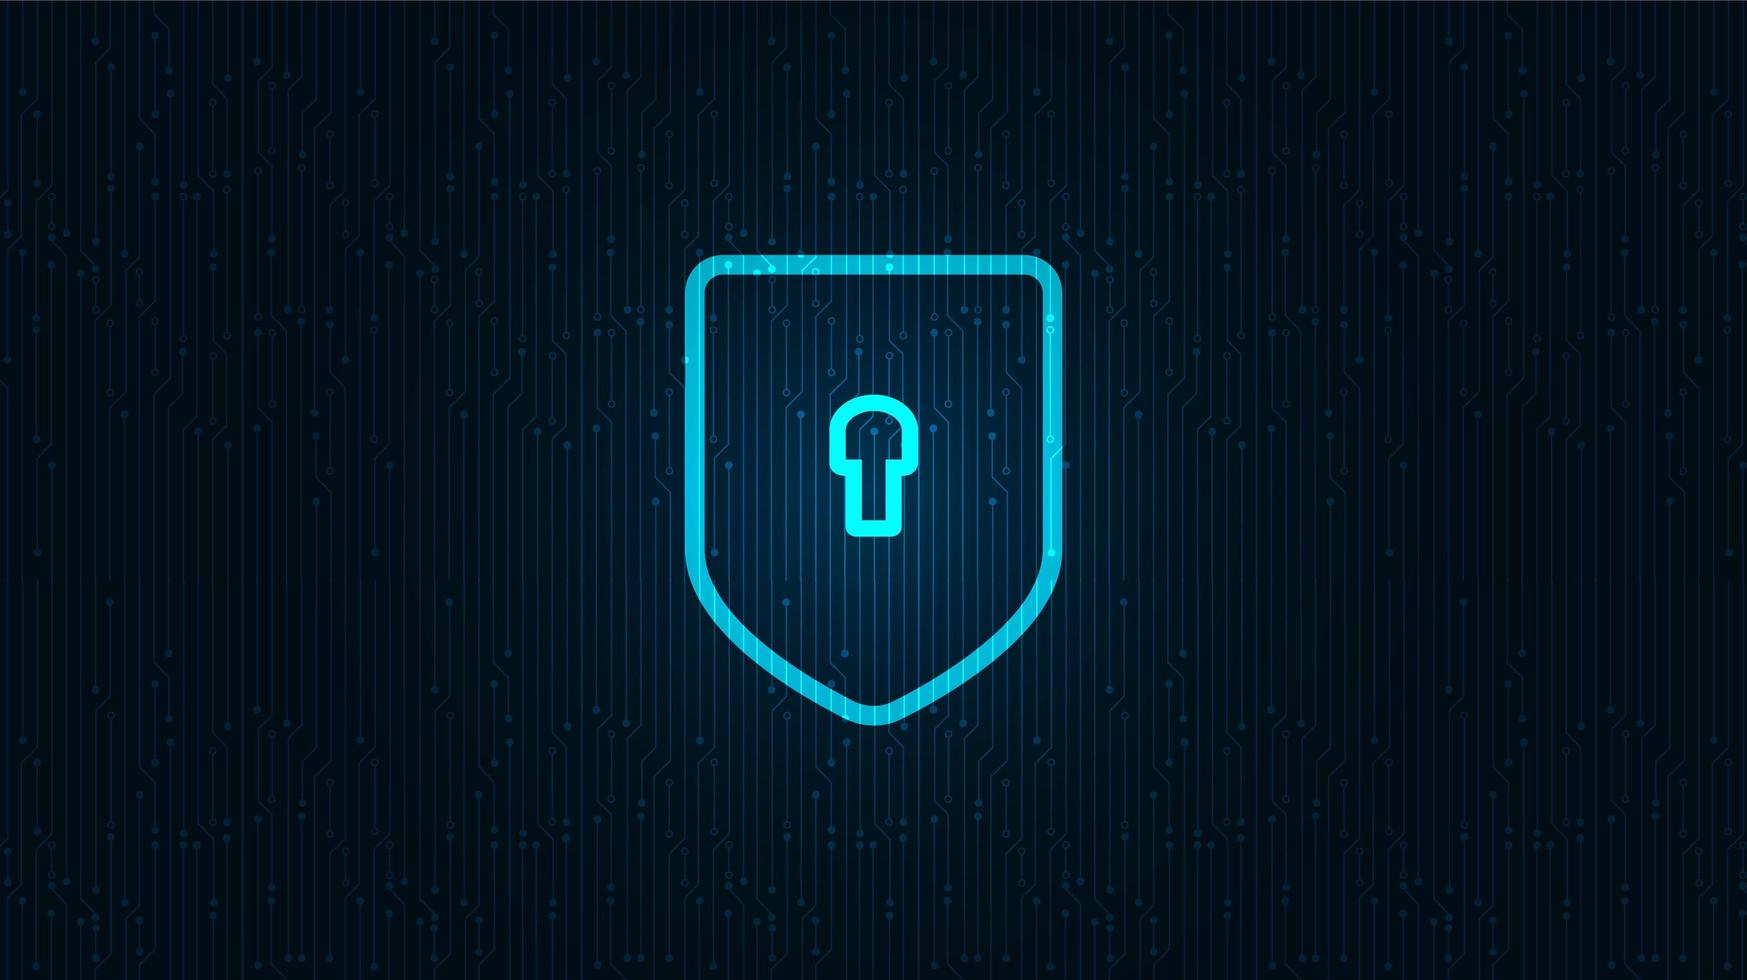 tecnología de red escudo seguridad, protección y concepto de conexión diseño de fondo ilustración vectorial. vector